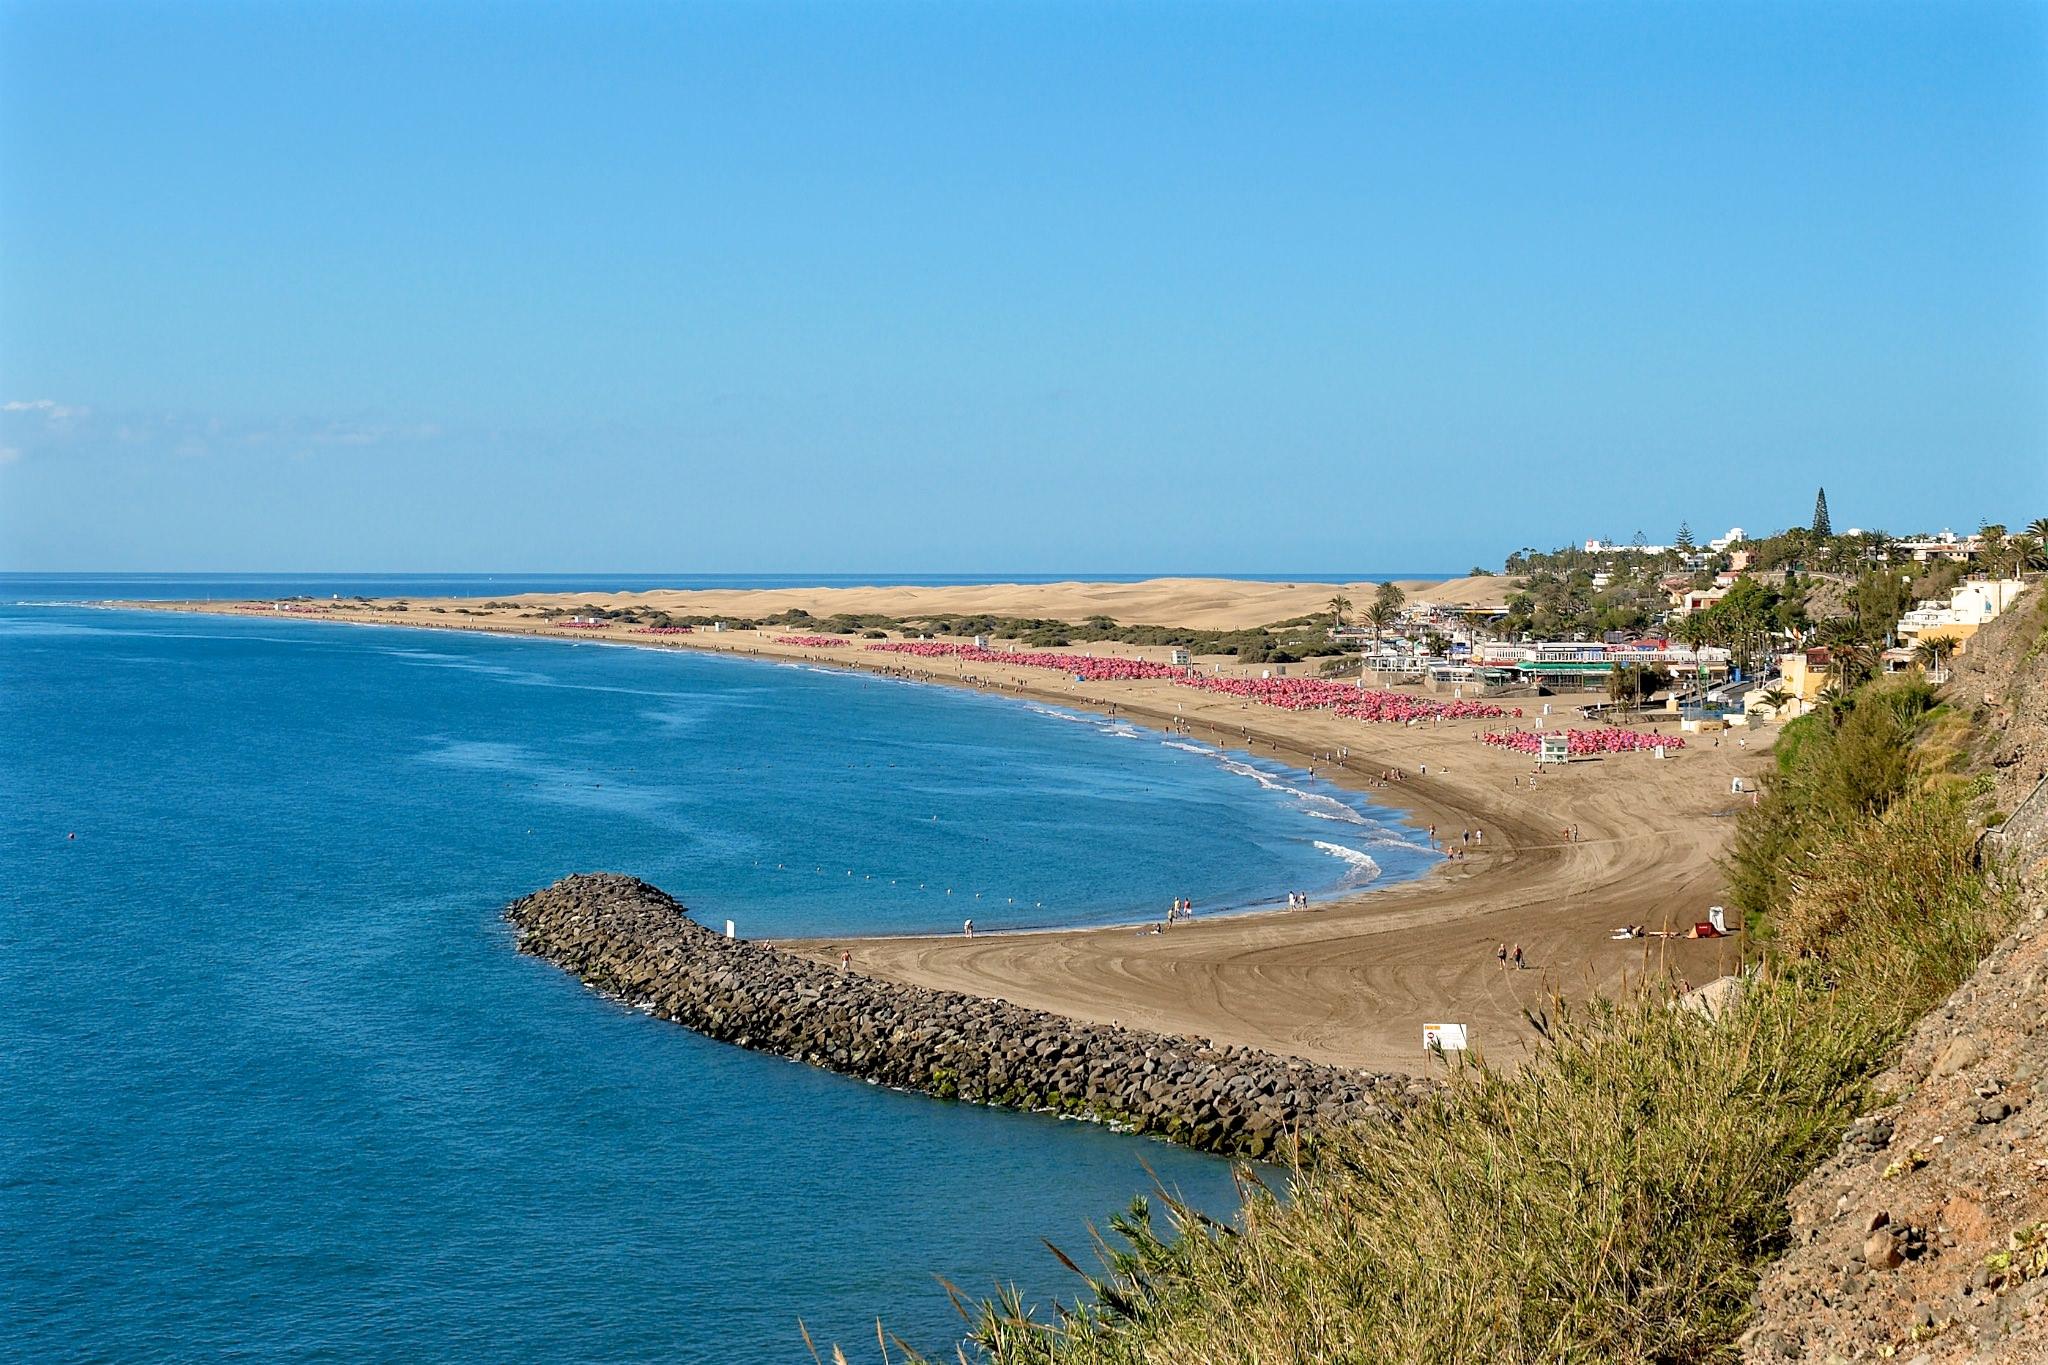 Fotos de la playa del ingles en gran canaria 49